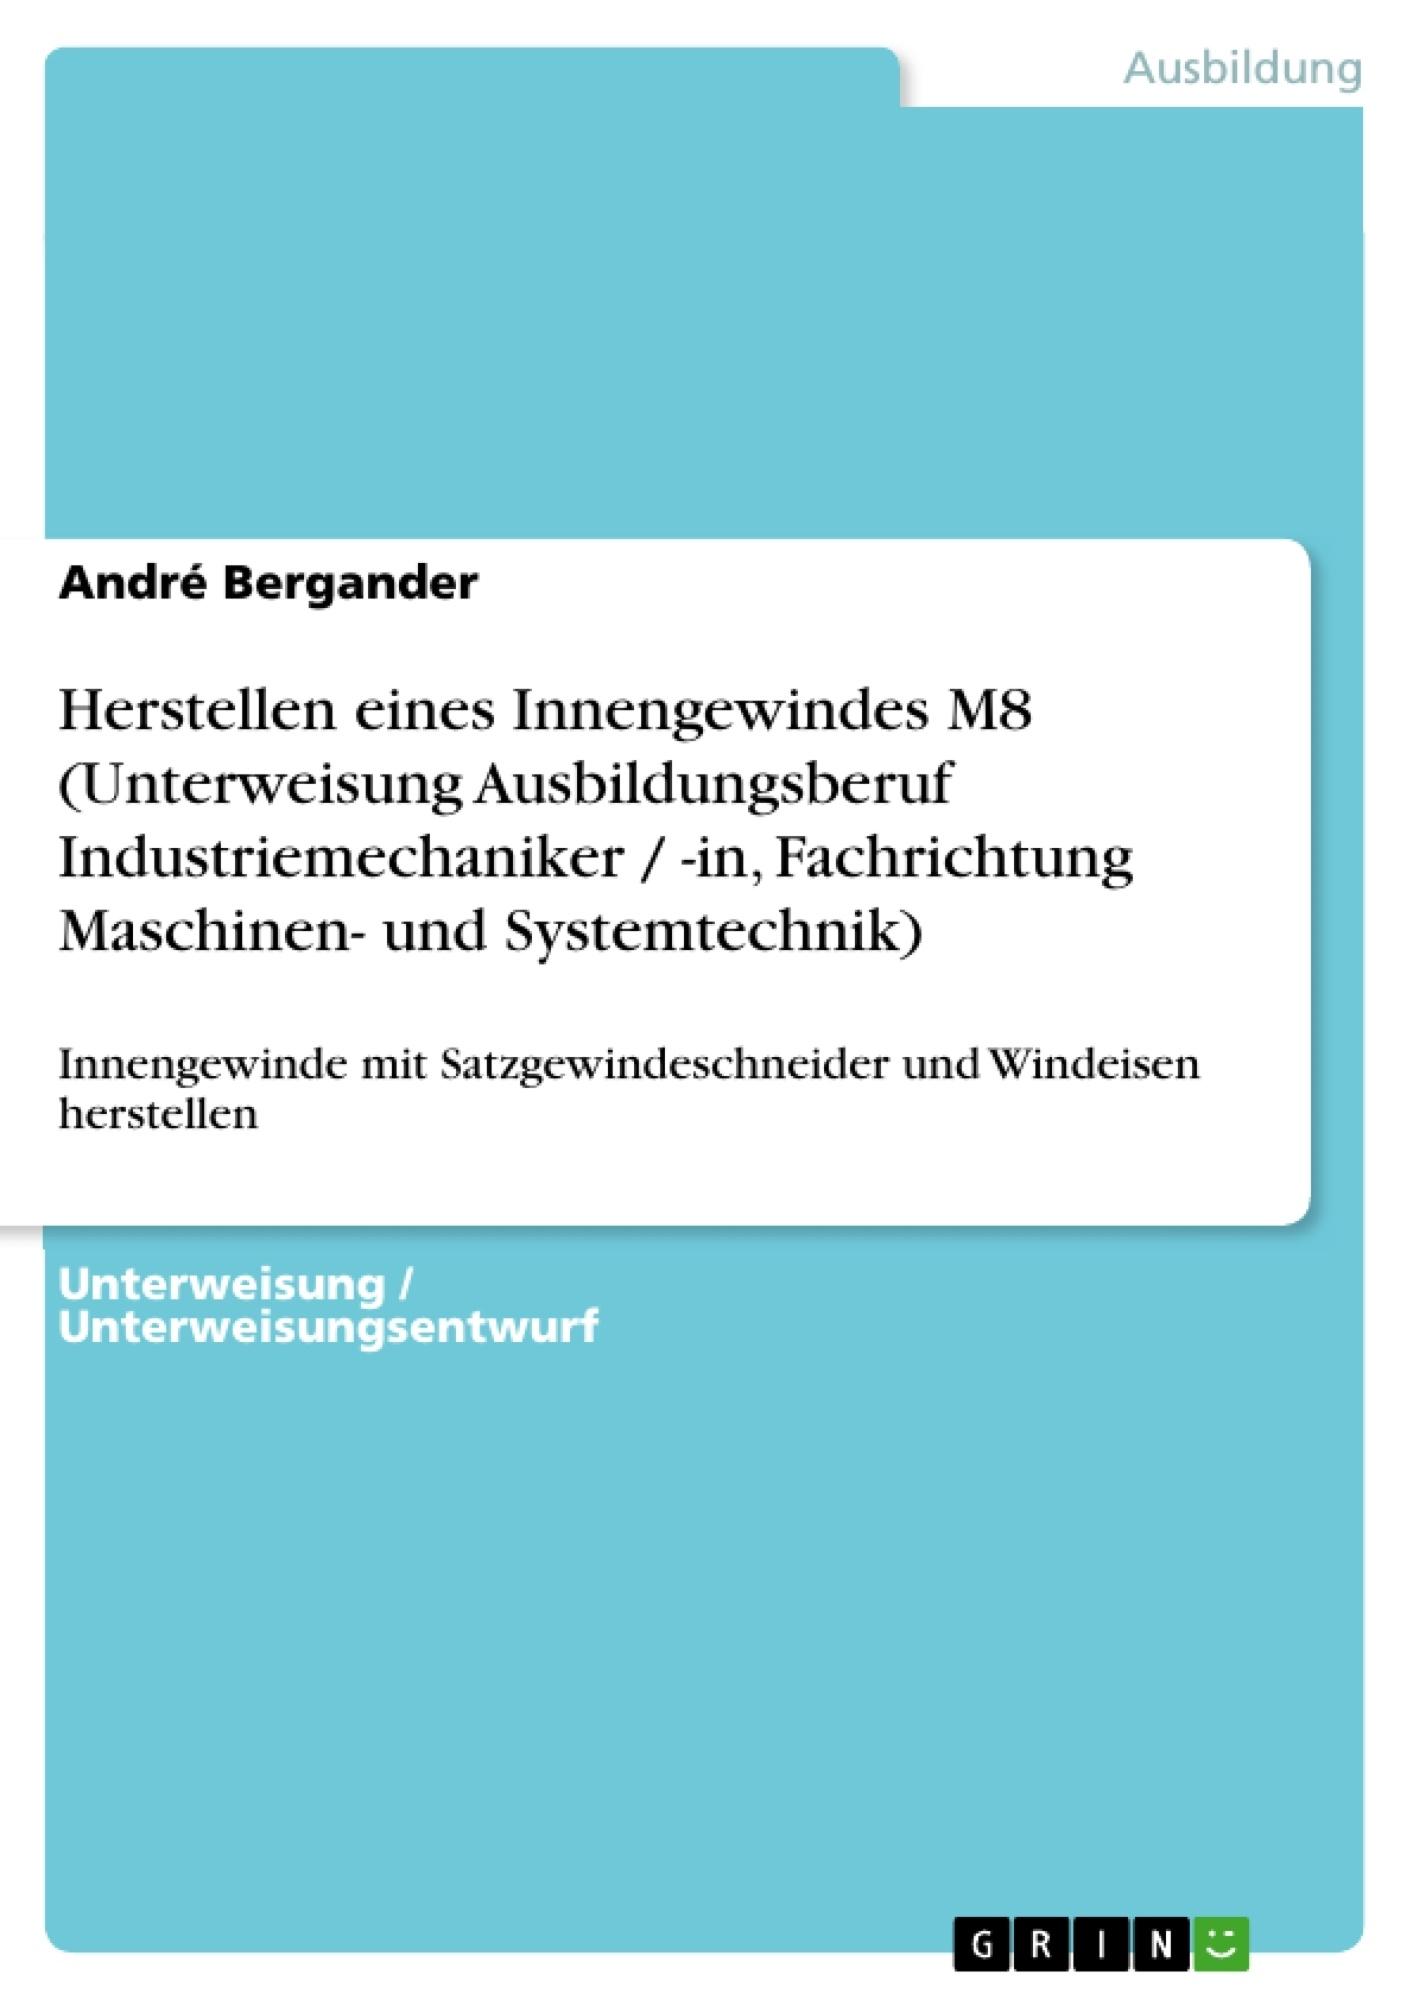 Titel: Herstellen eines Innengewindes M8 (Unterweisung Ausbildungsberuf Industriemechaniker / -in, Fachrichtung Maschinen- und Systemtechnik)